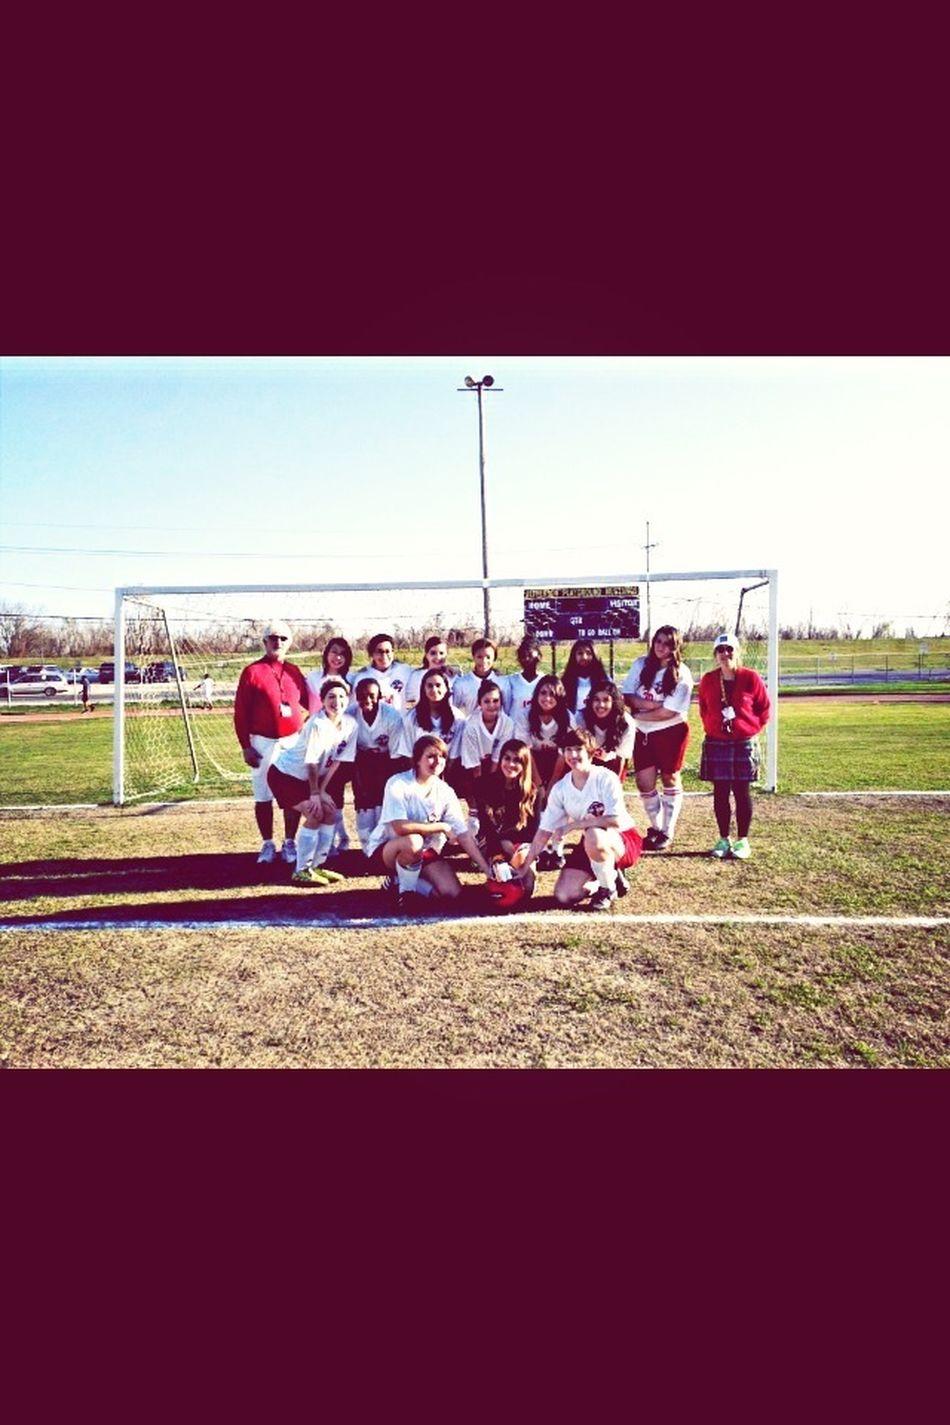 Le Soccer Team